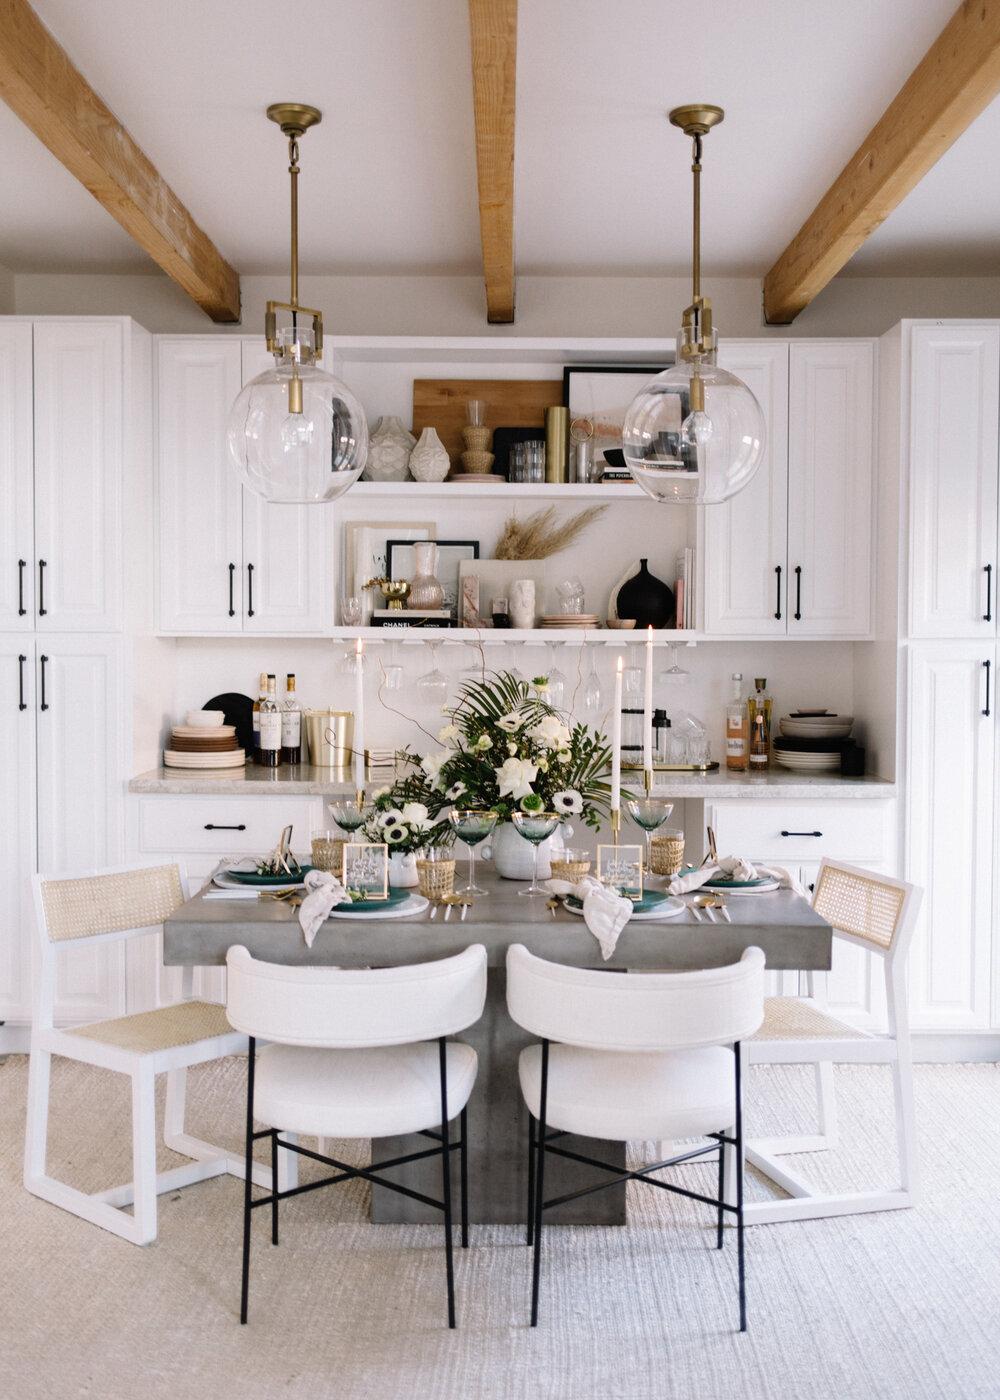 Home and Decor — A Fabulous Fete Blog / All Categories — A Fabulous Fete